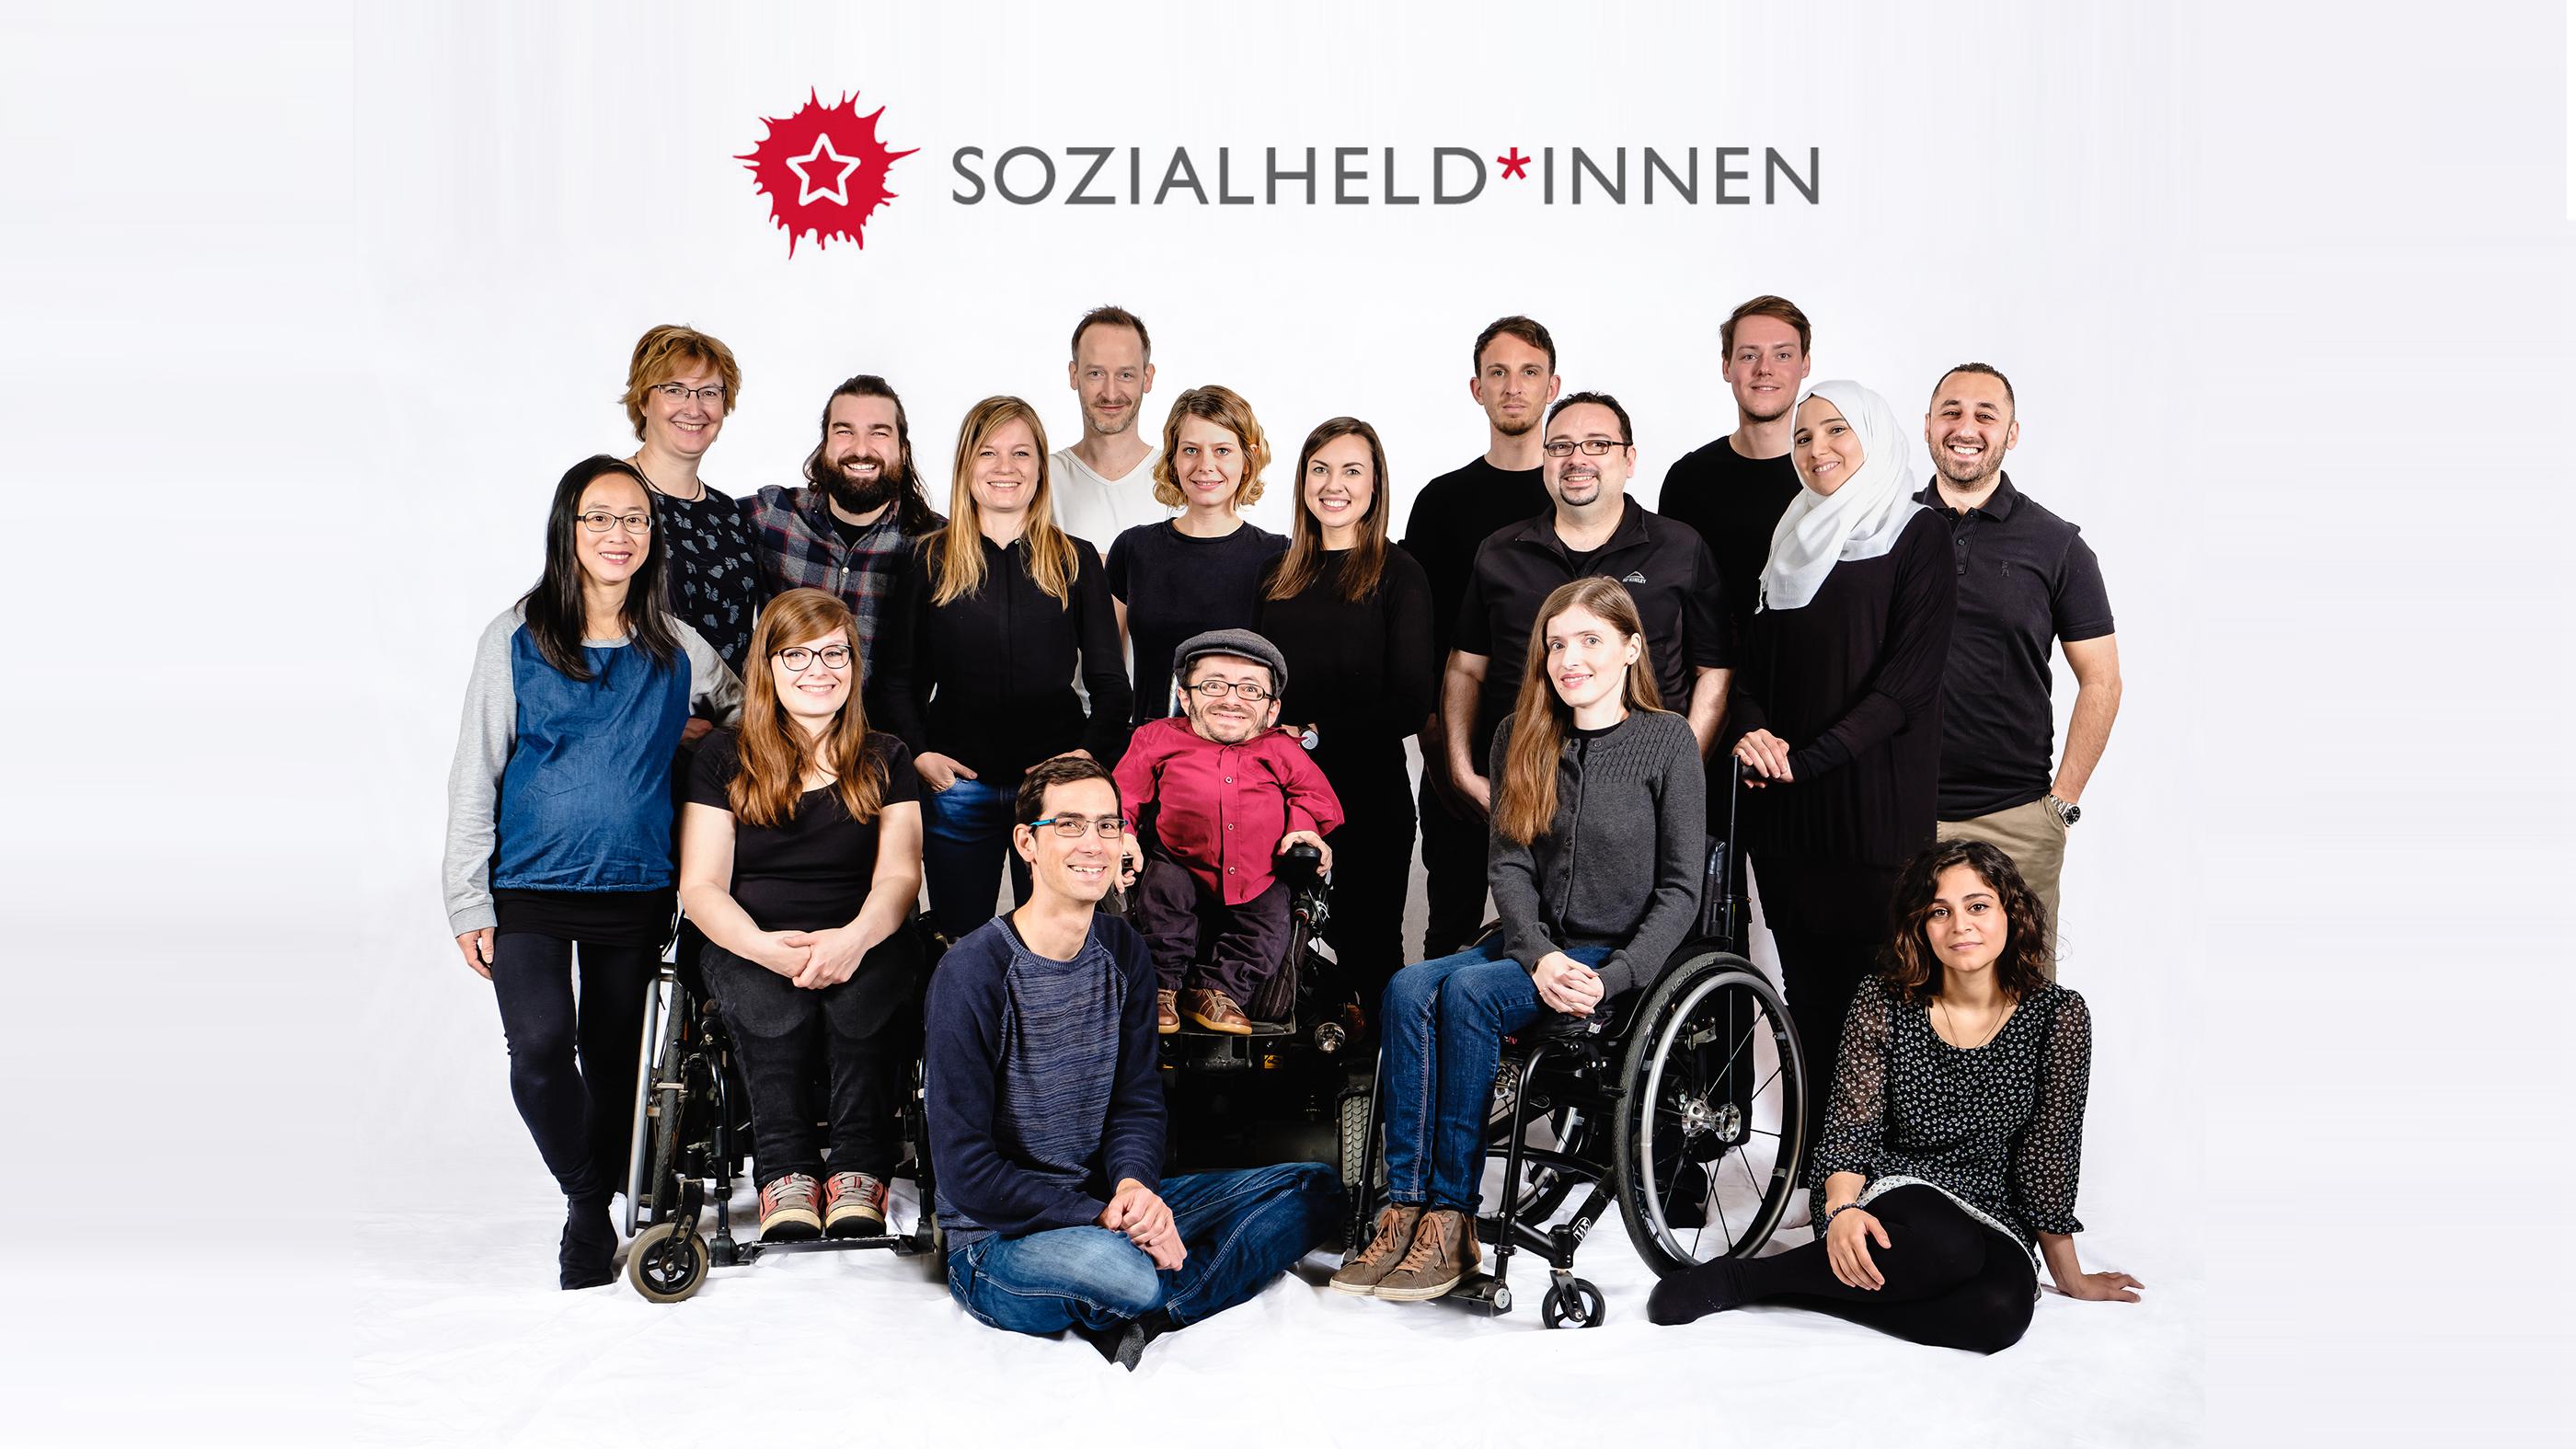 Gruppenbild der Sozialhelden